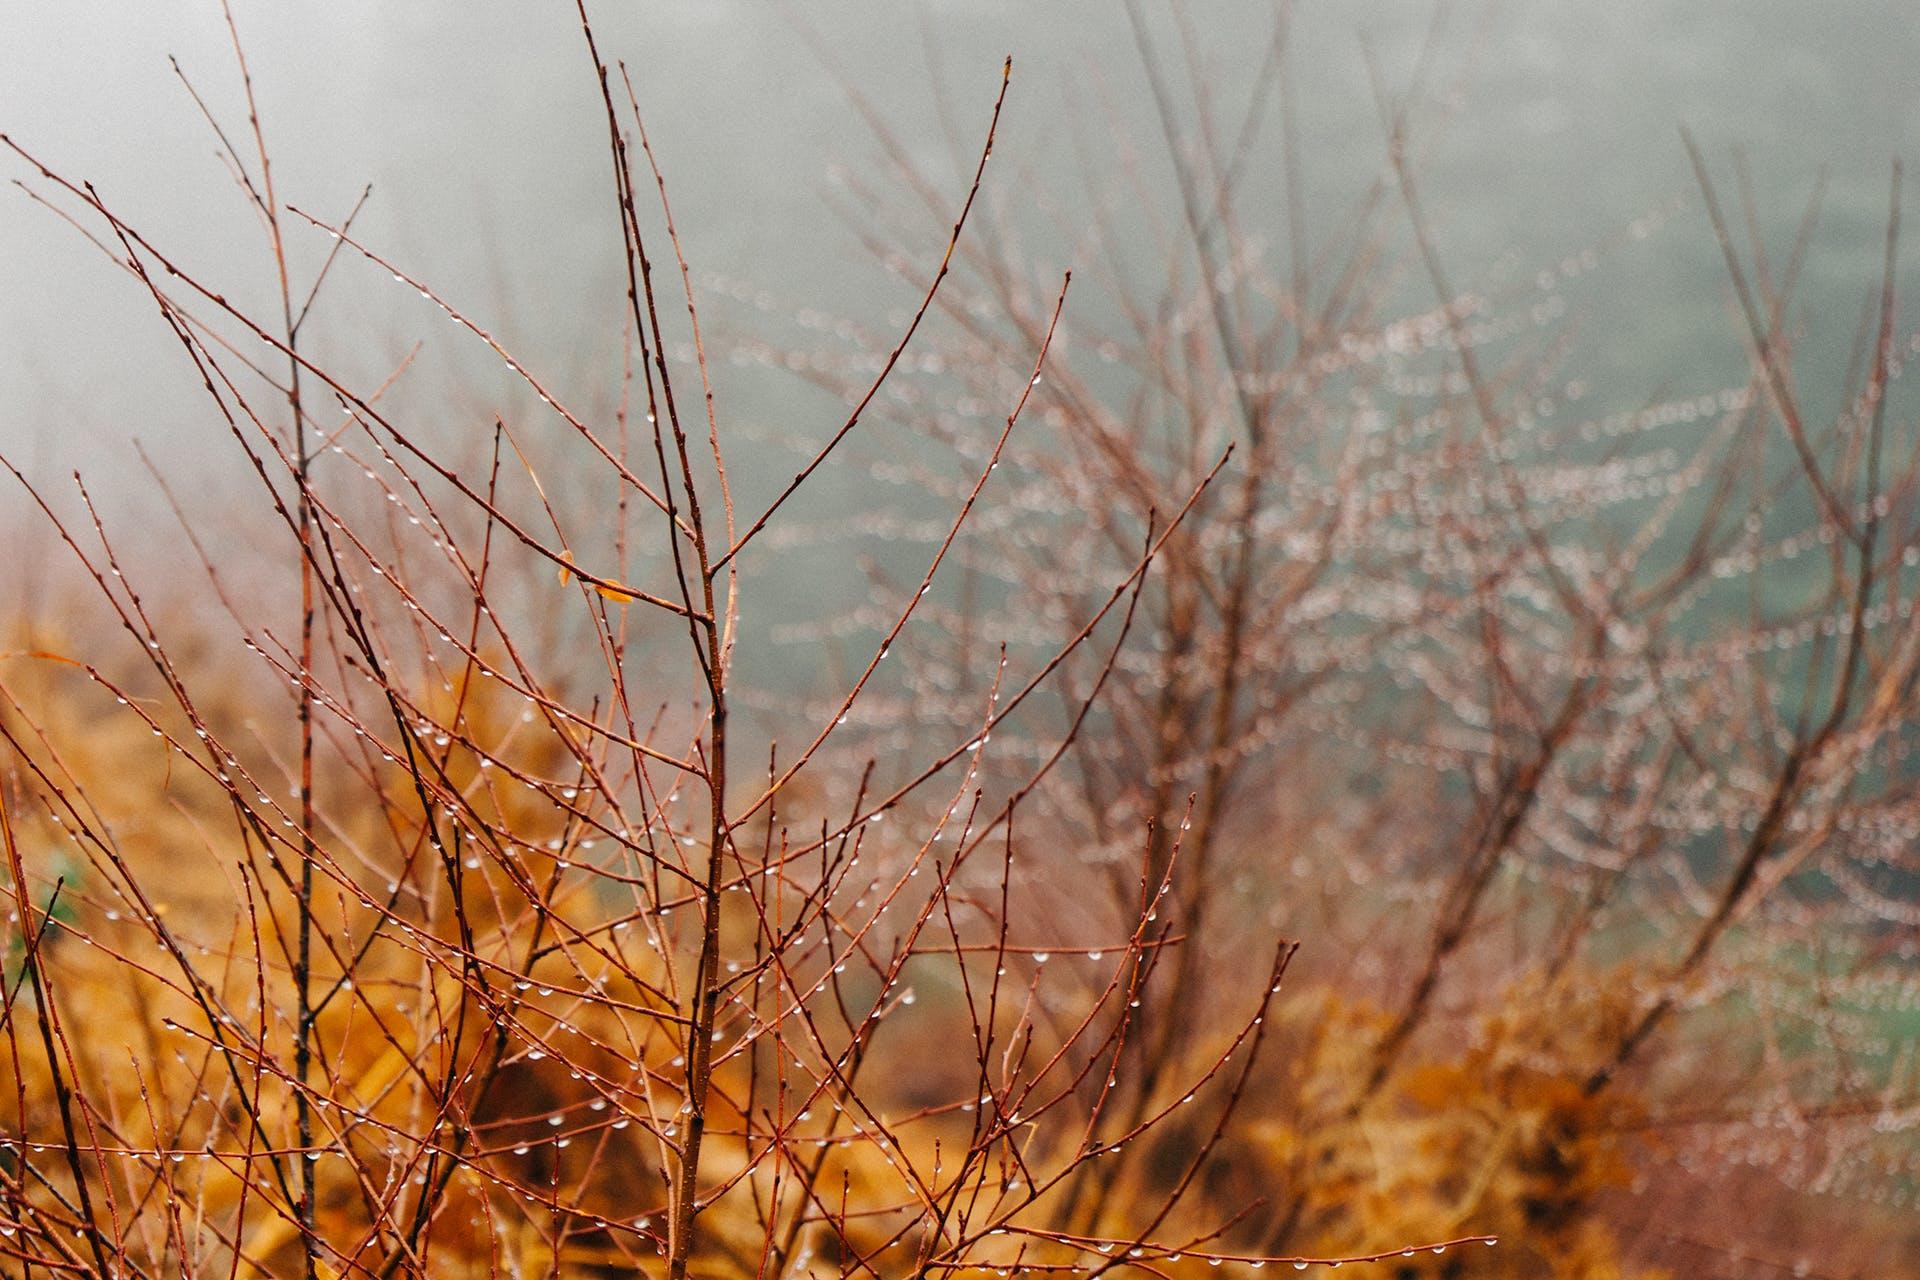 Δωρεάν στοκ φωτογραφιών με βροχή, δροσιά, κλαδιά, σταγόνες βροχής